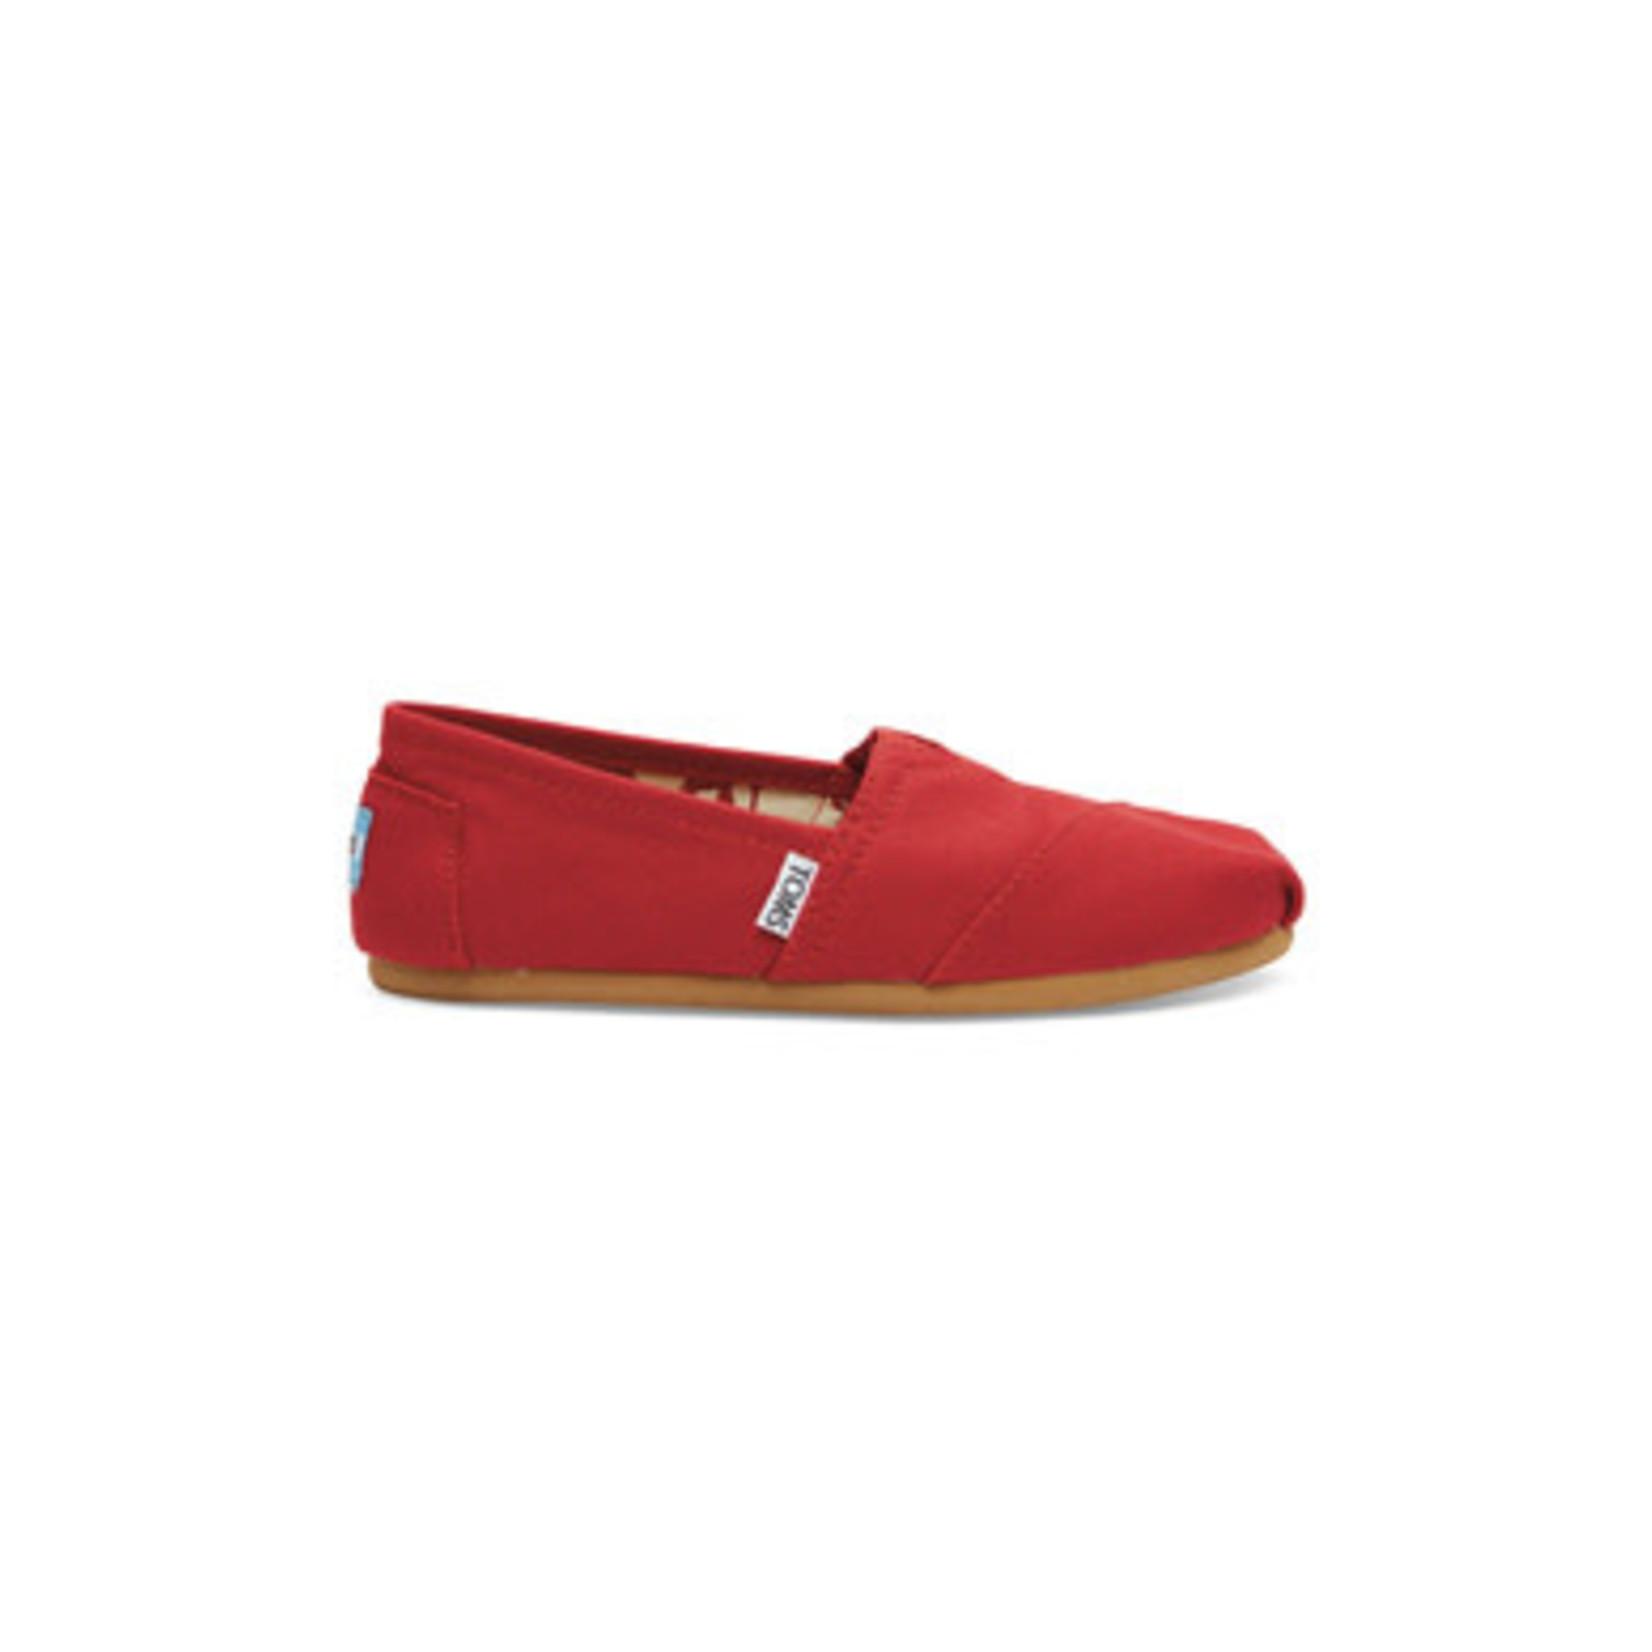 Toms Toms Casual Shoes, Alpargata, Ladies